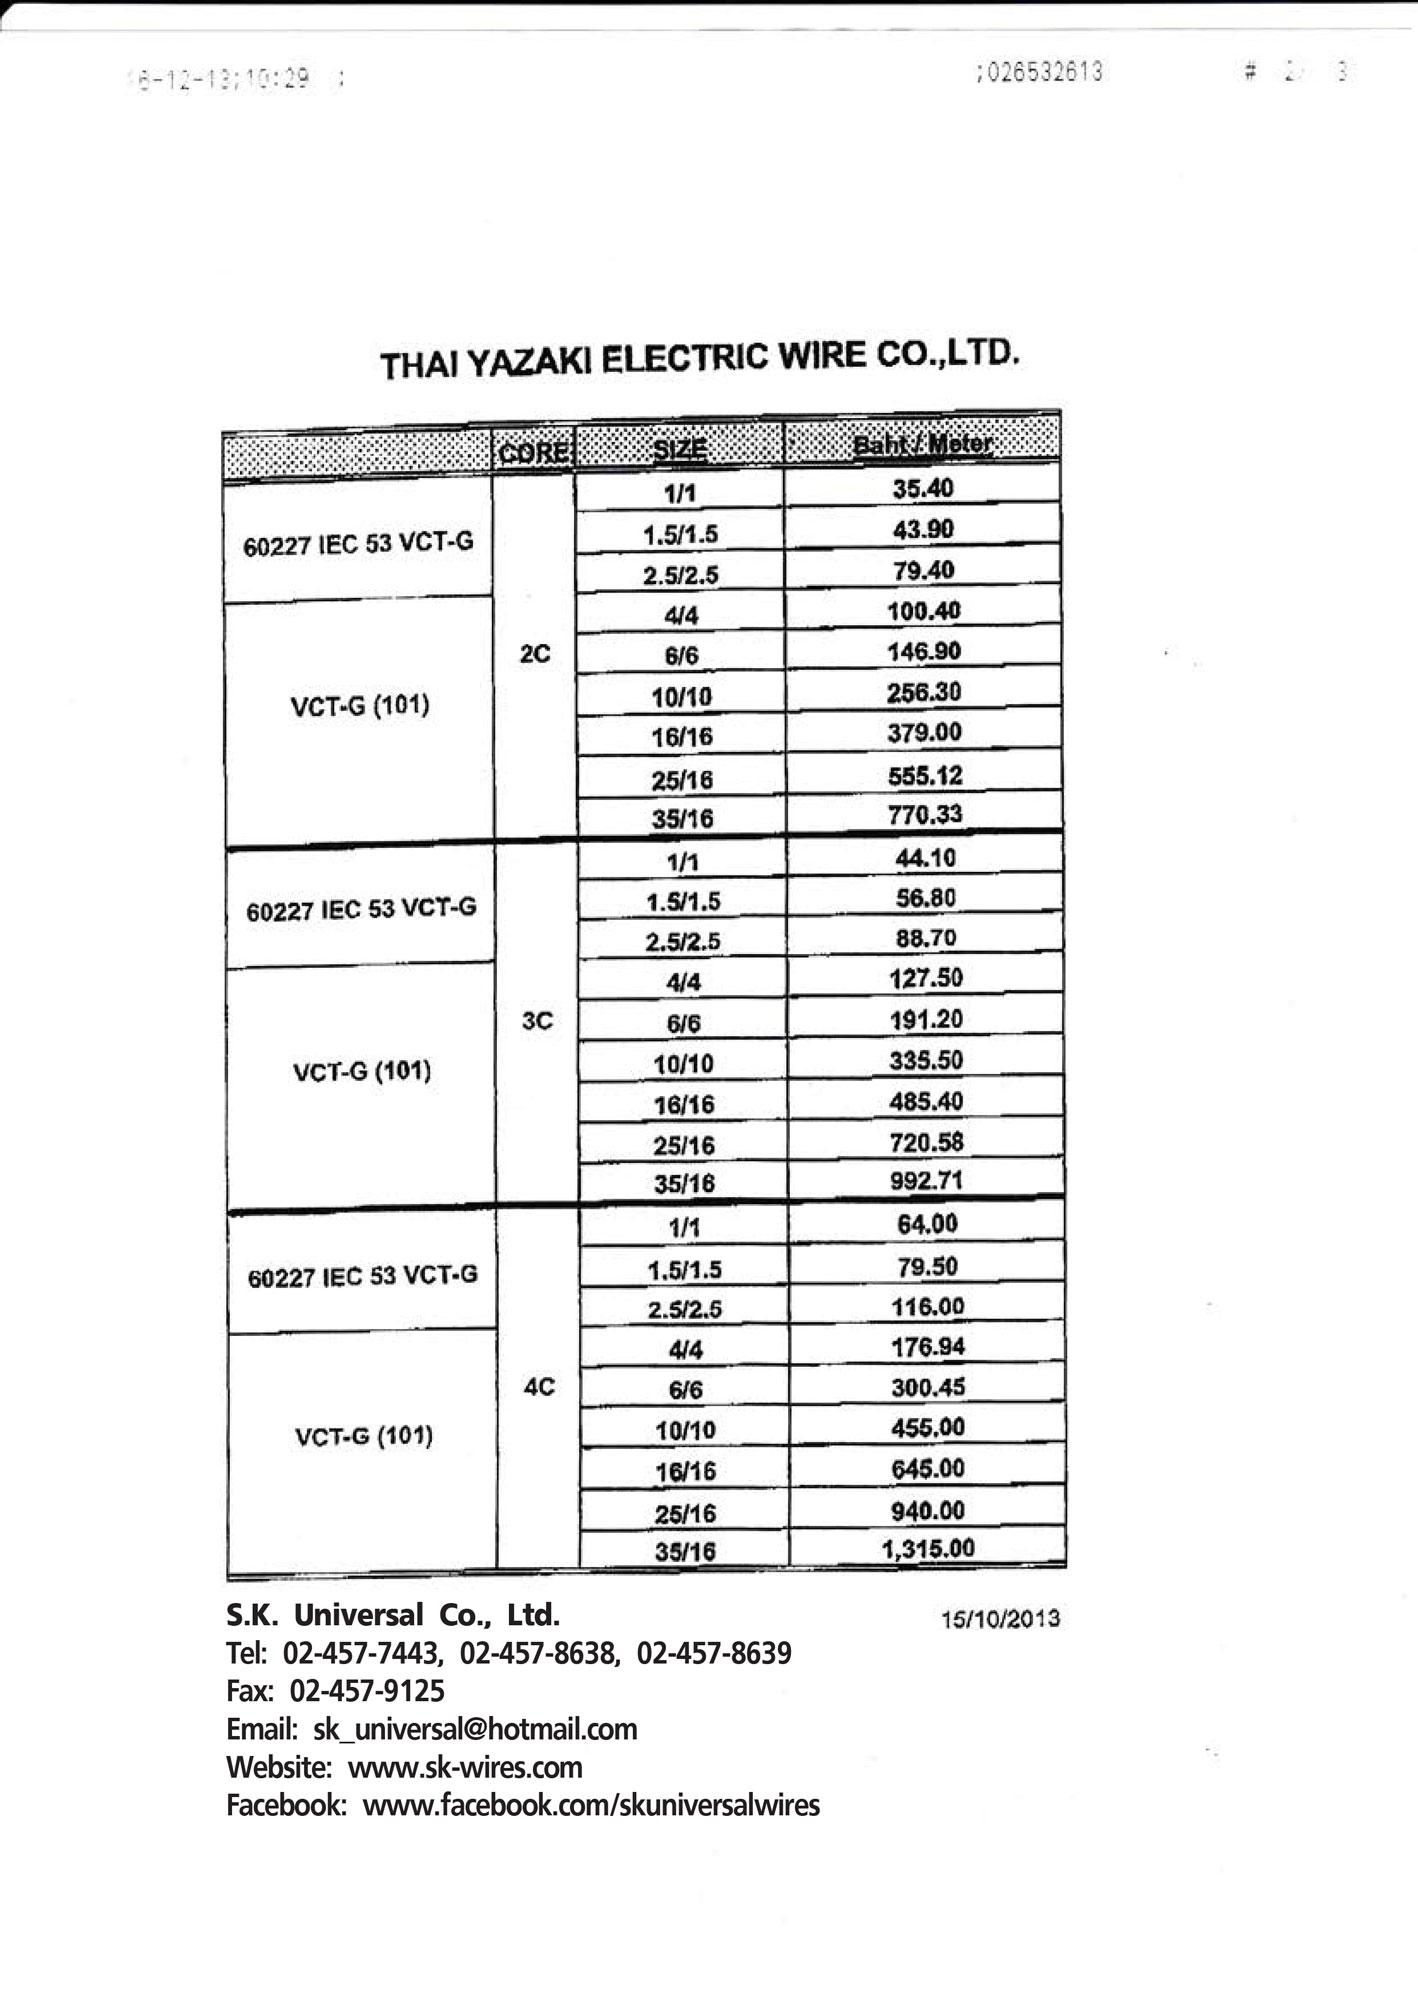 สายไฟ VCT-G Price List